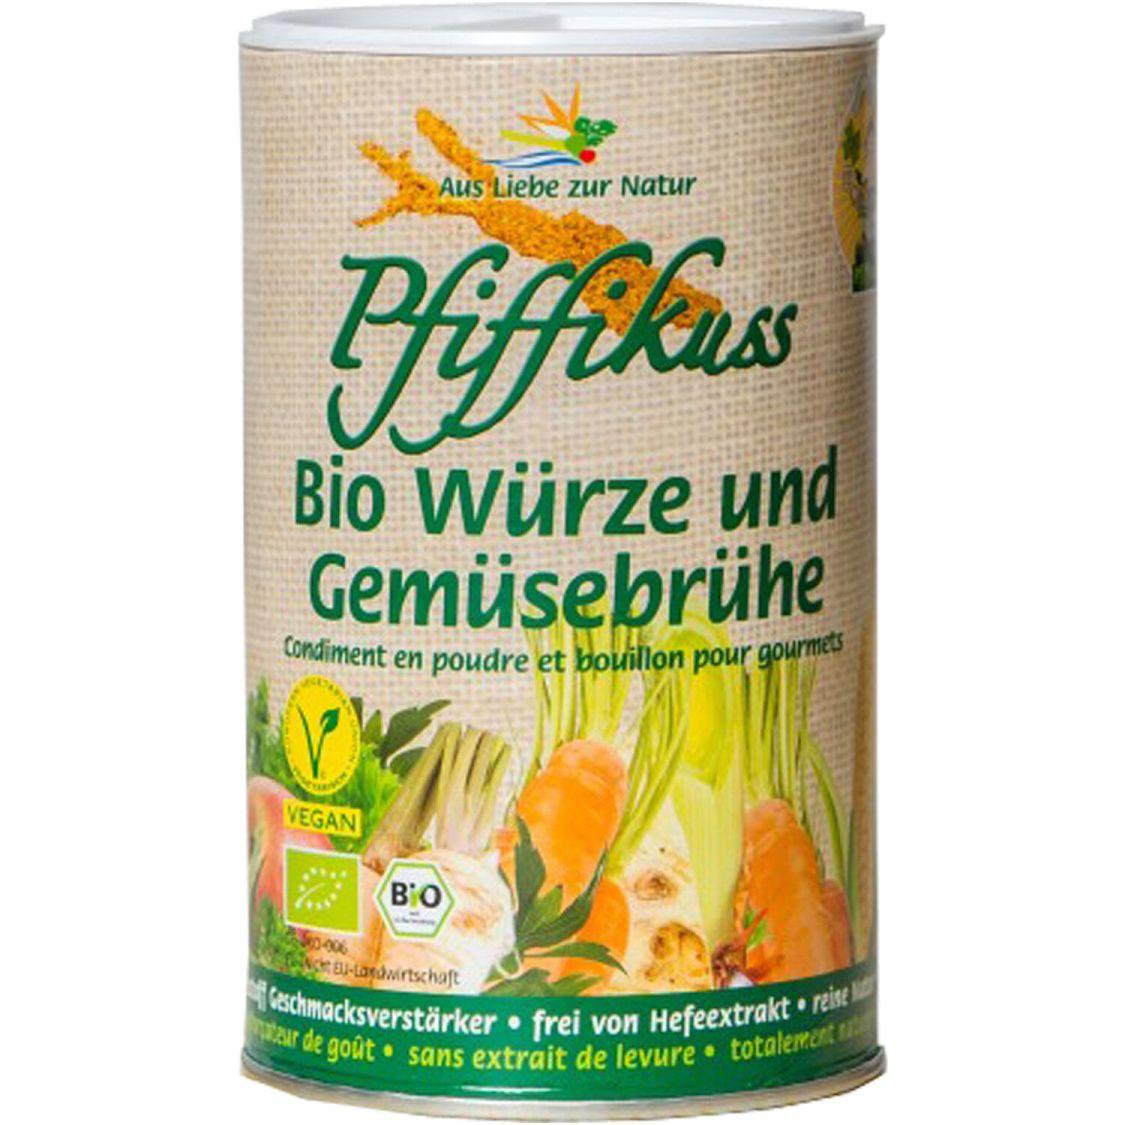 Pfiffikuss Bio Würze und Gemüsebrühe   250 g   glutamatfrei   hefefrei   vegan